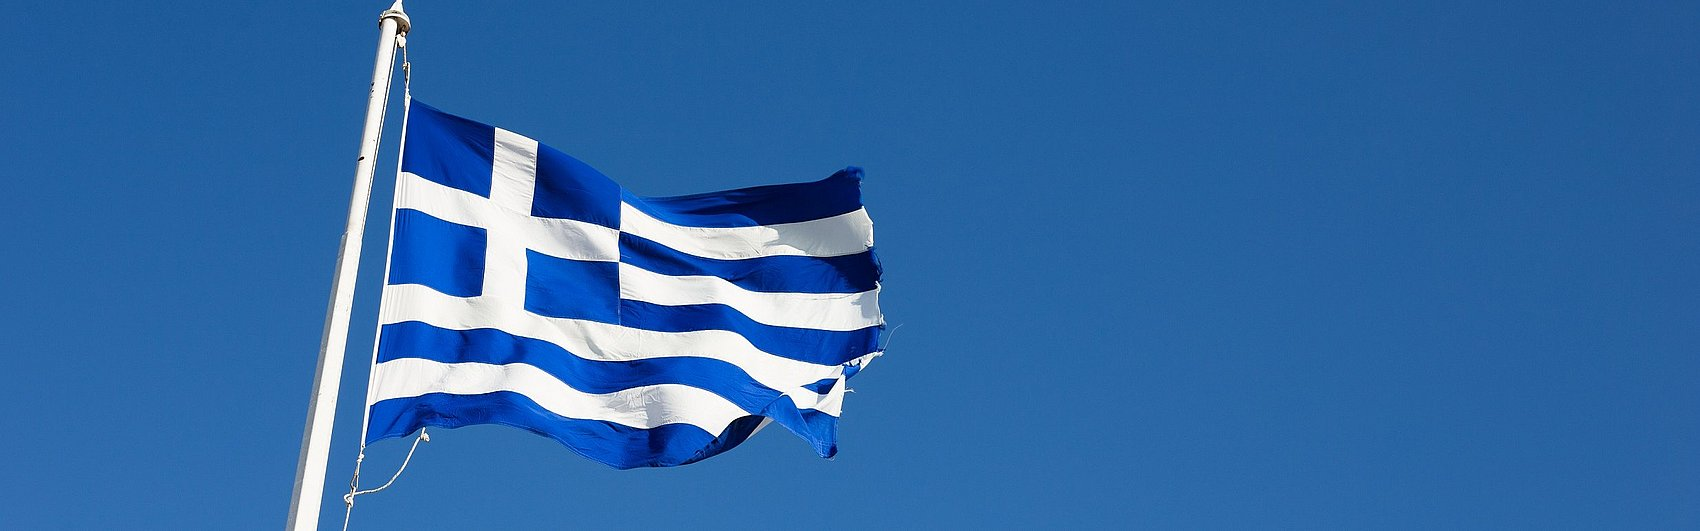 csm_Greece_4be2d49e8d.jpg